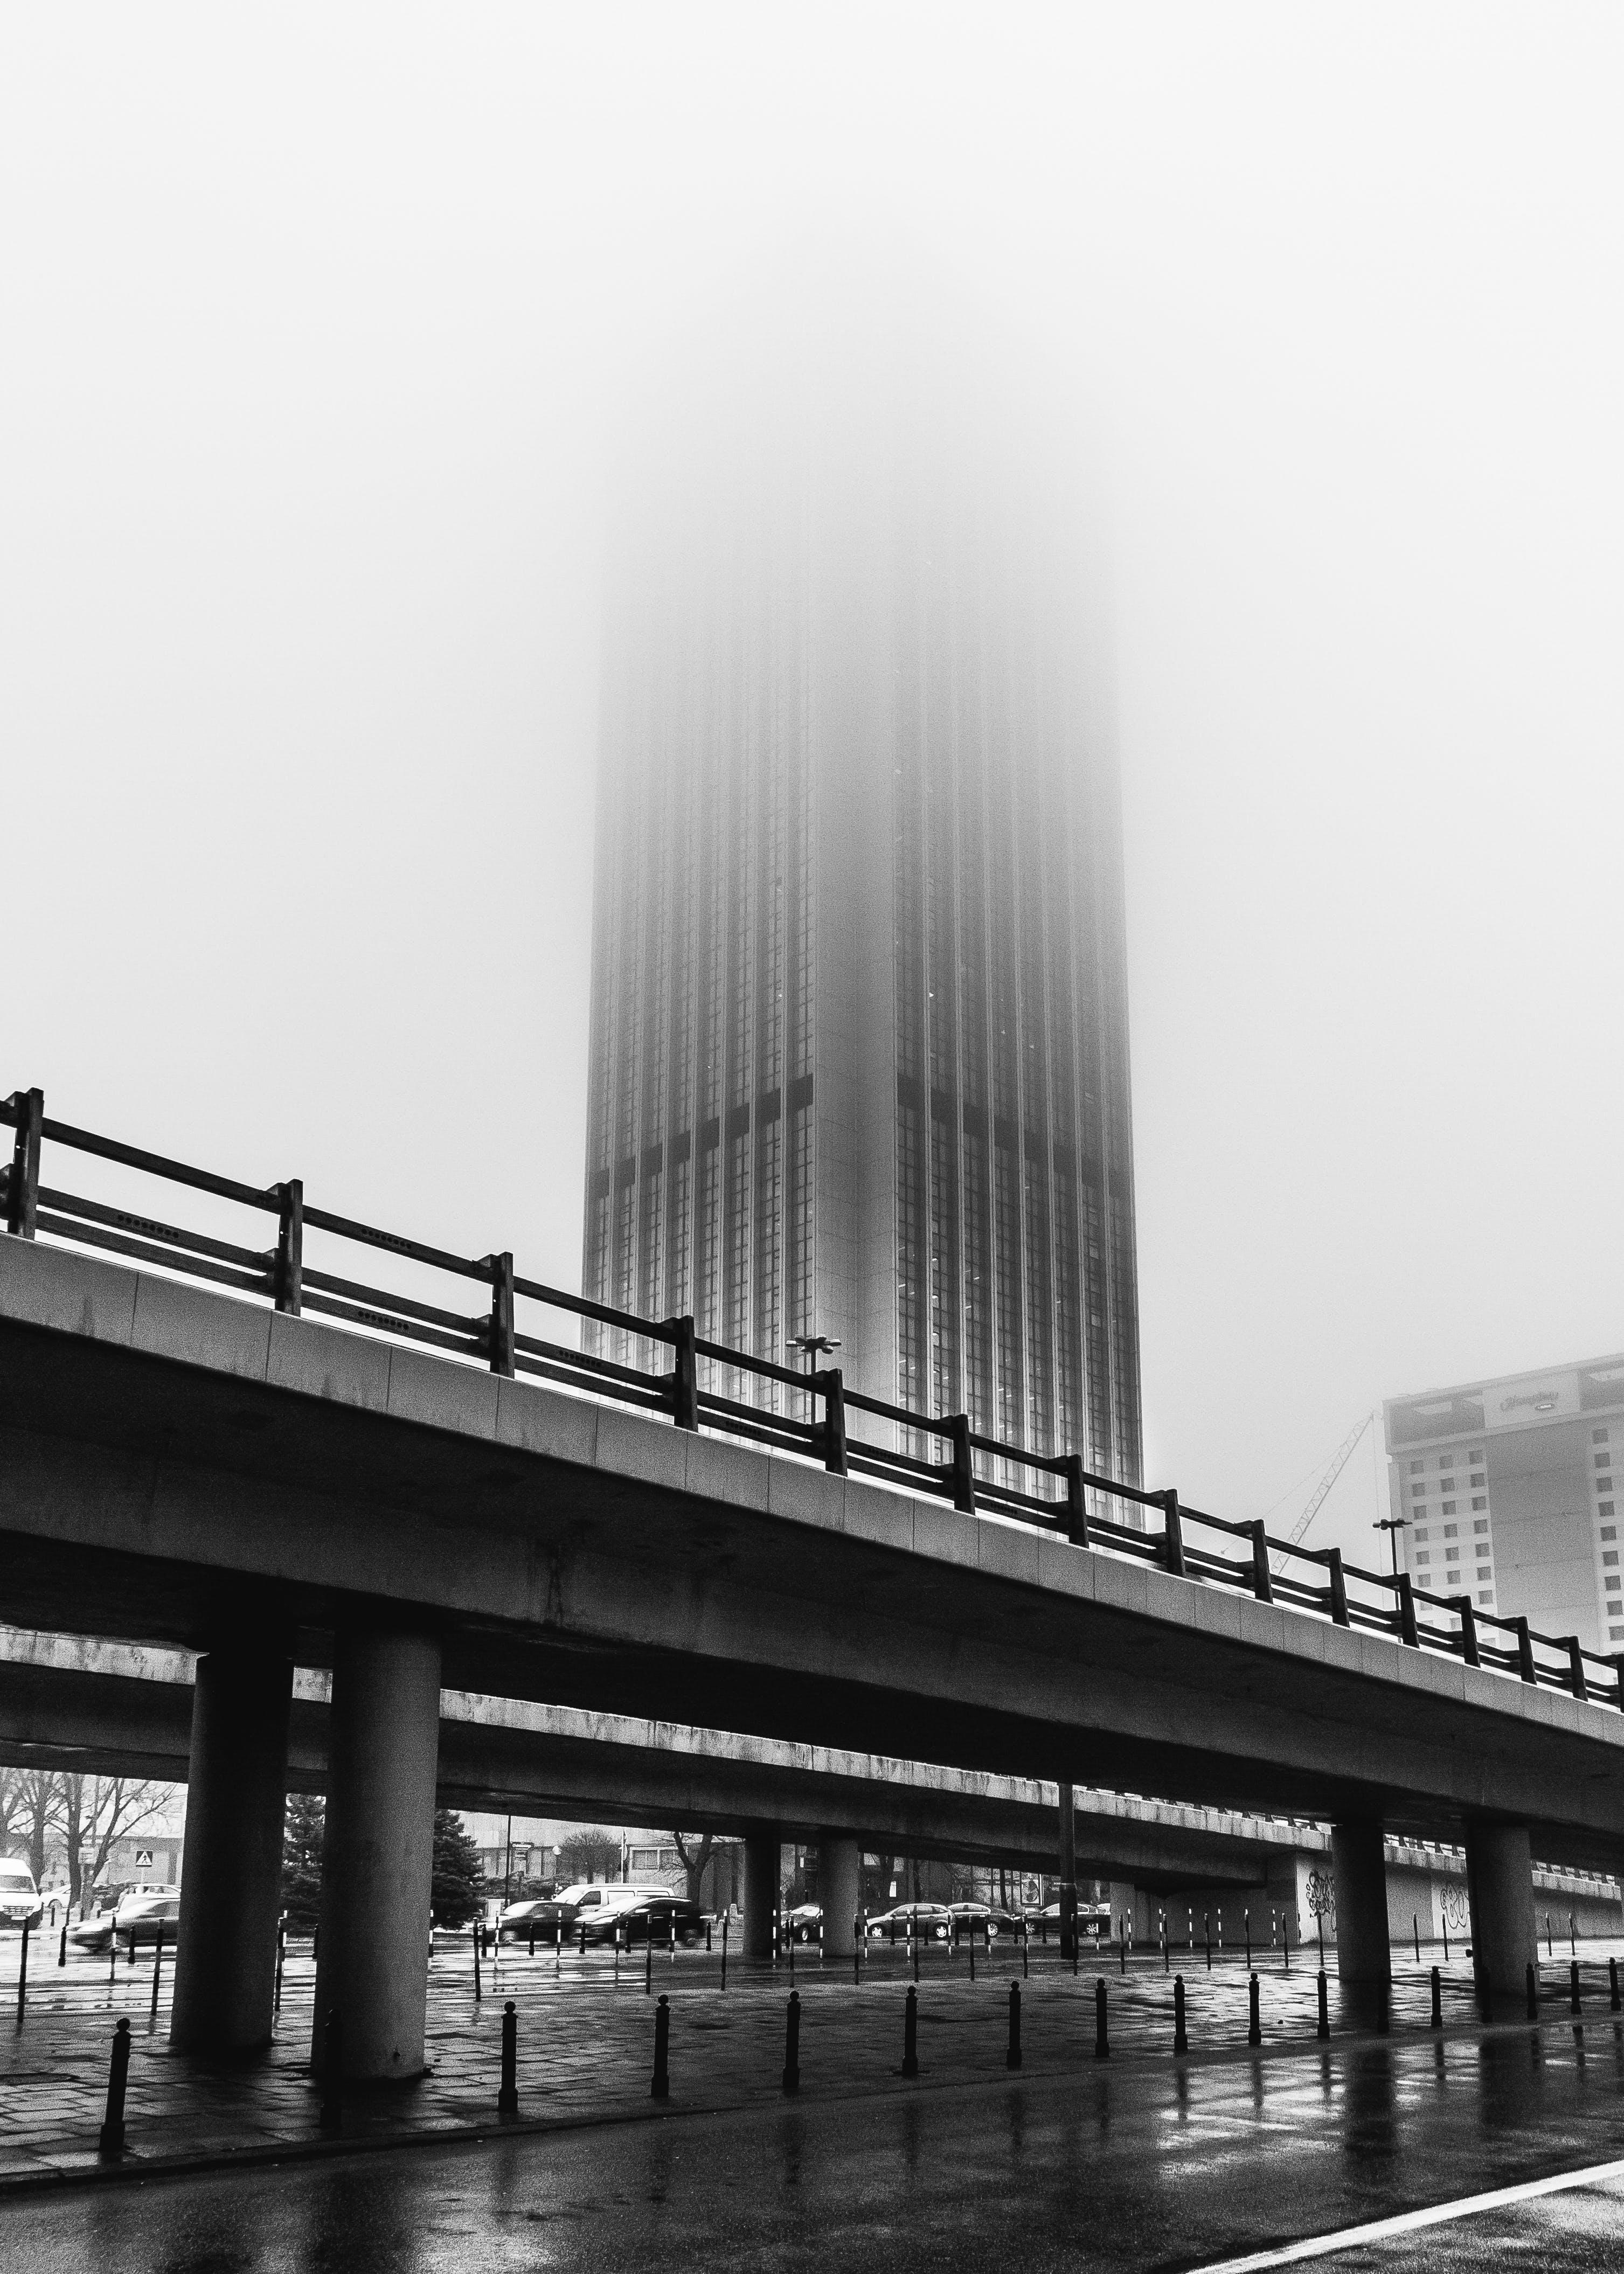 Free stock photo of black and white, bnw, bridge, foggy